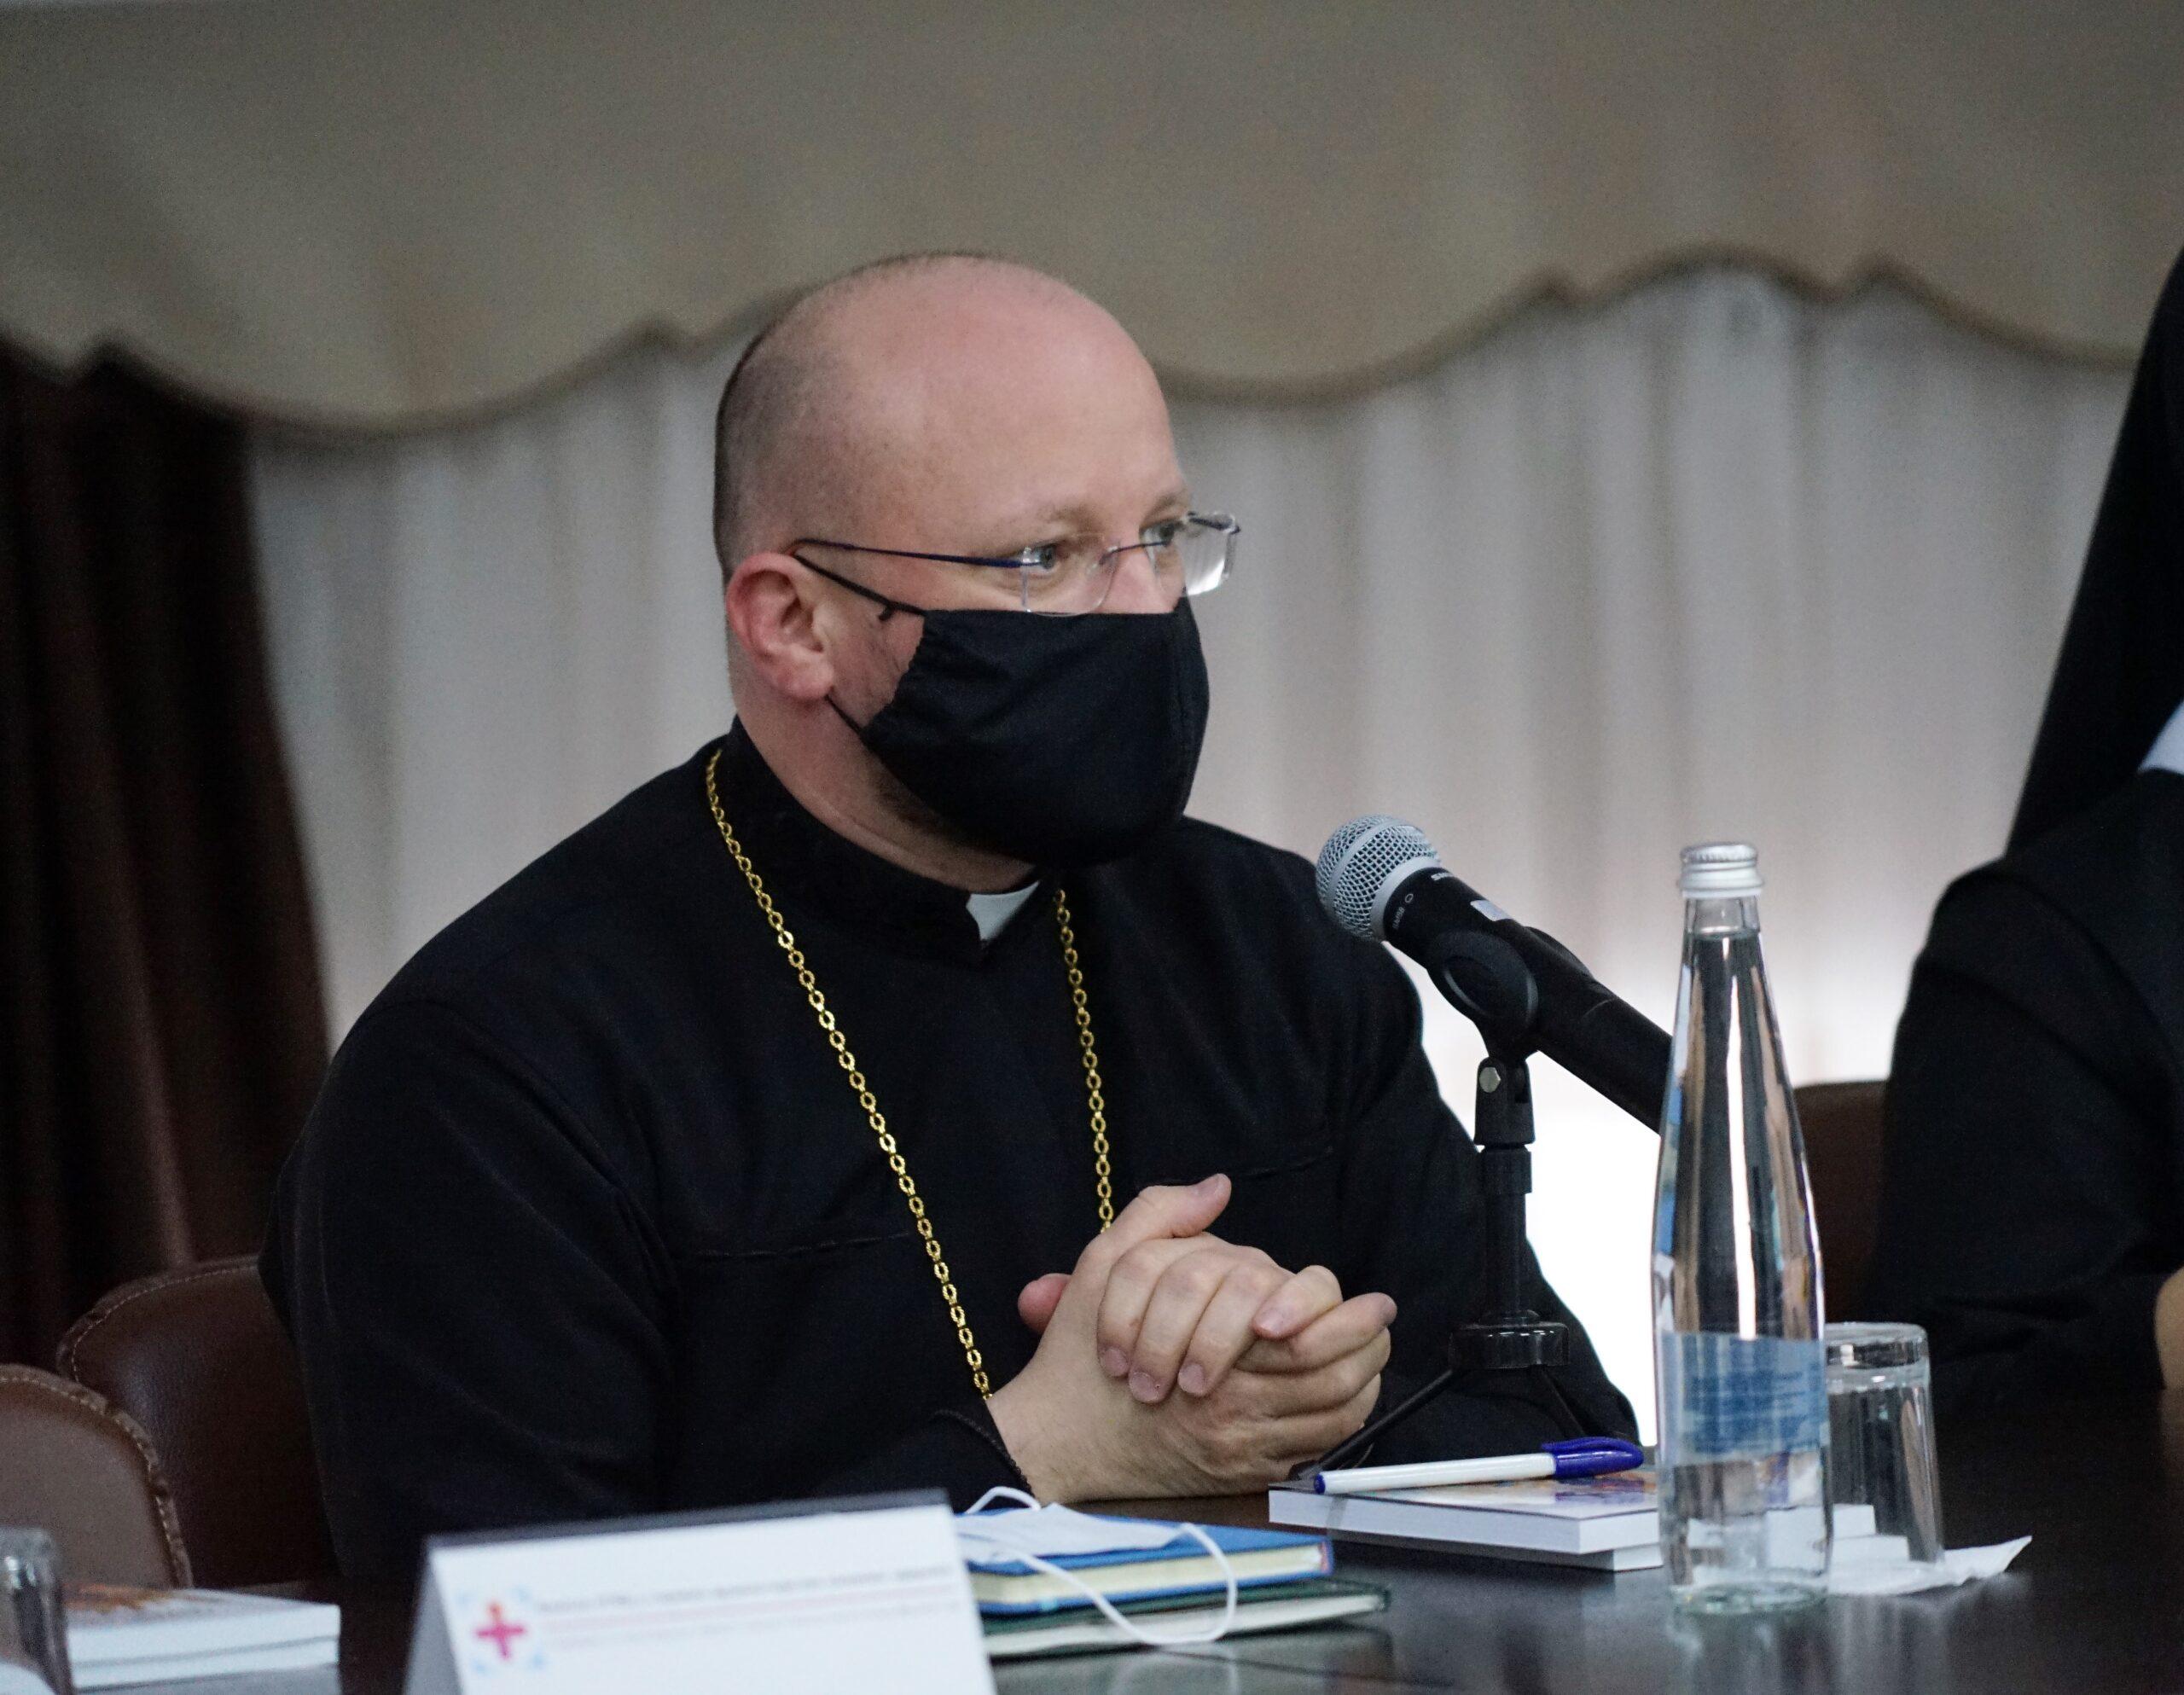 Перспективи розвитку медичного капеланства в Україні обговорили під час круглого столу у Львові_1